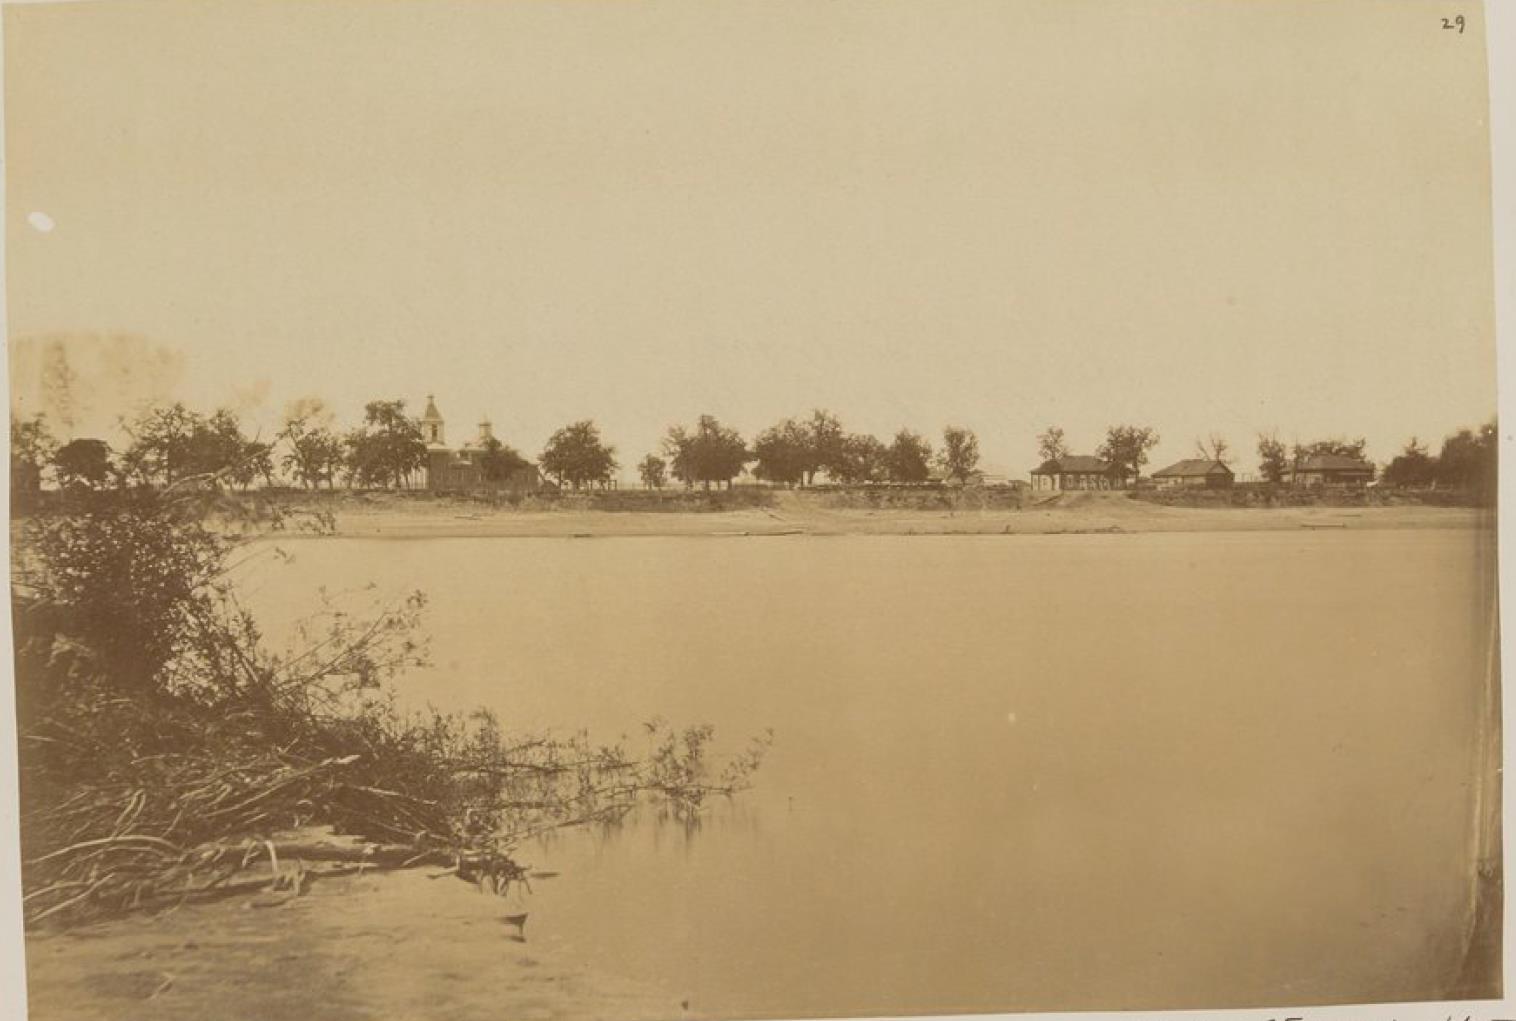 15. Деревня казаков на Амуре, ниже реки Сунгари, которая исходит из Китая и впадает в Амур в 250 км вверх по течению от Хабаровки